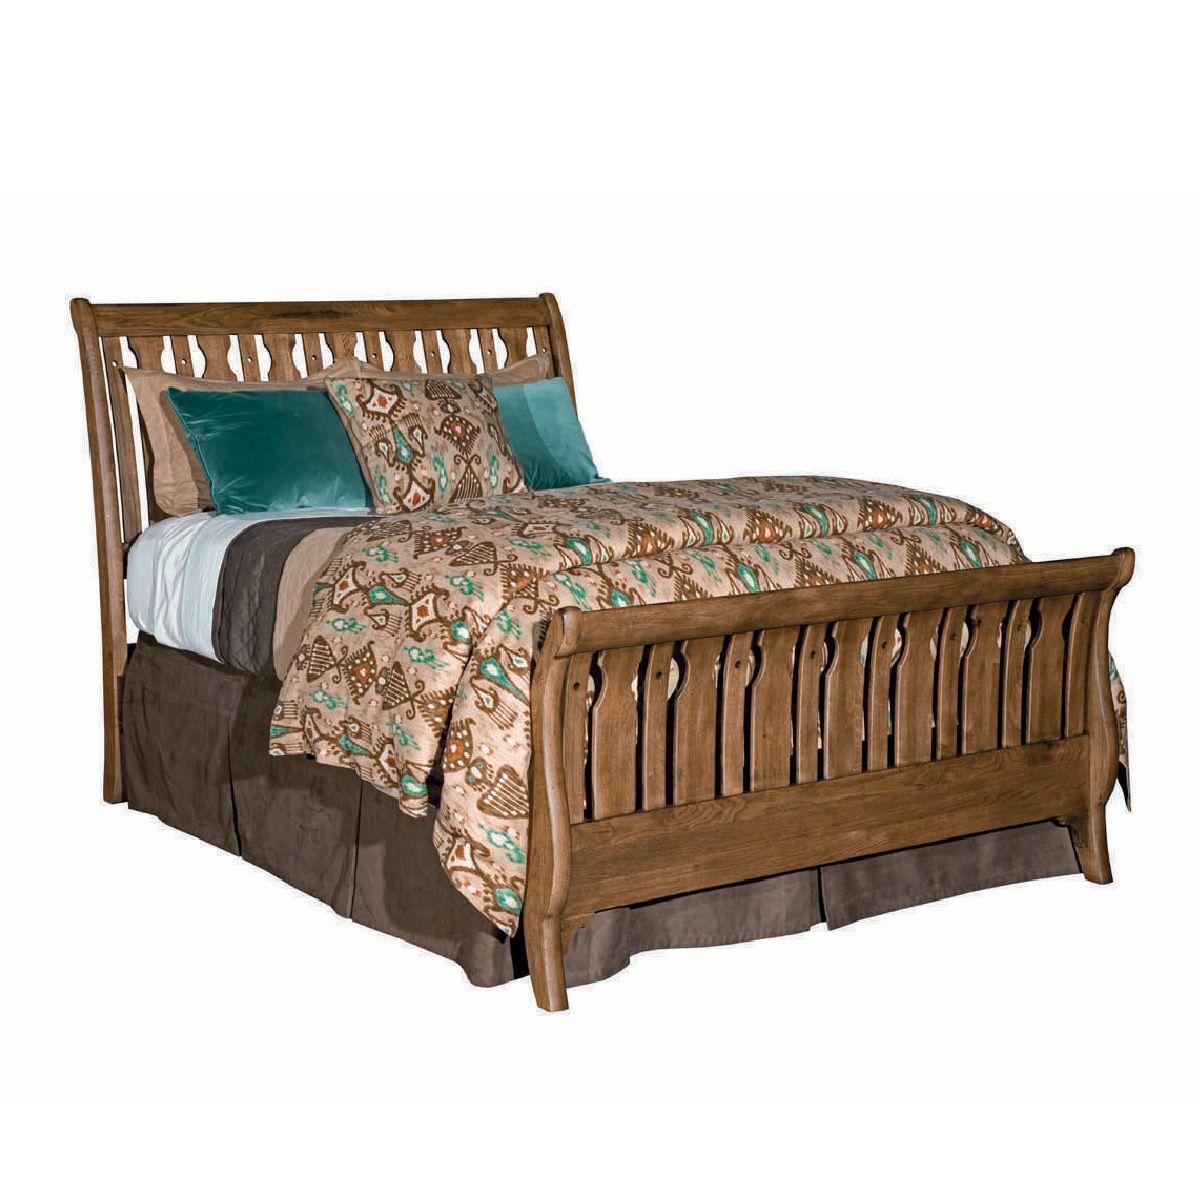 Bedroom Ross Furniture Furniture, Bed design, Bedroom sets